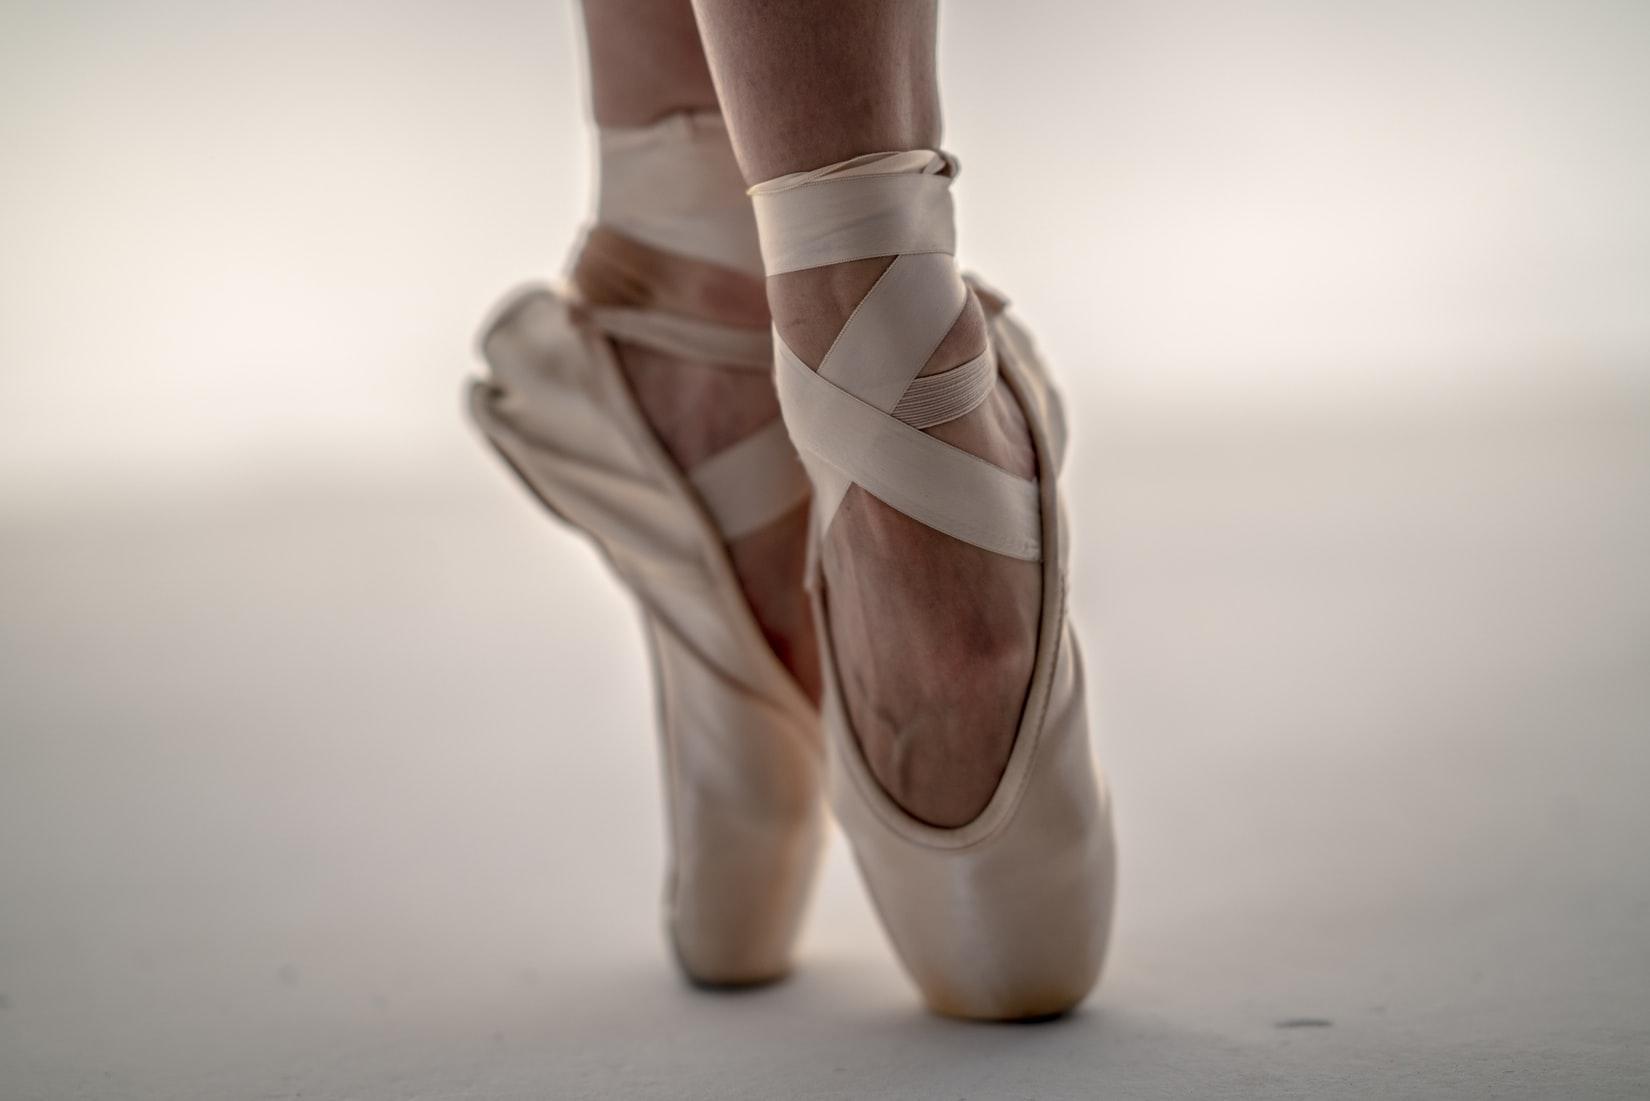 danseurs-opera-paris-confinement